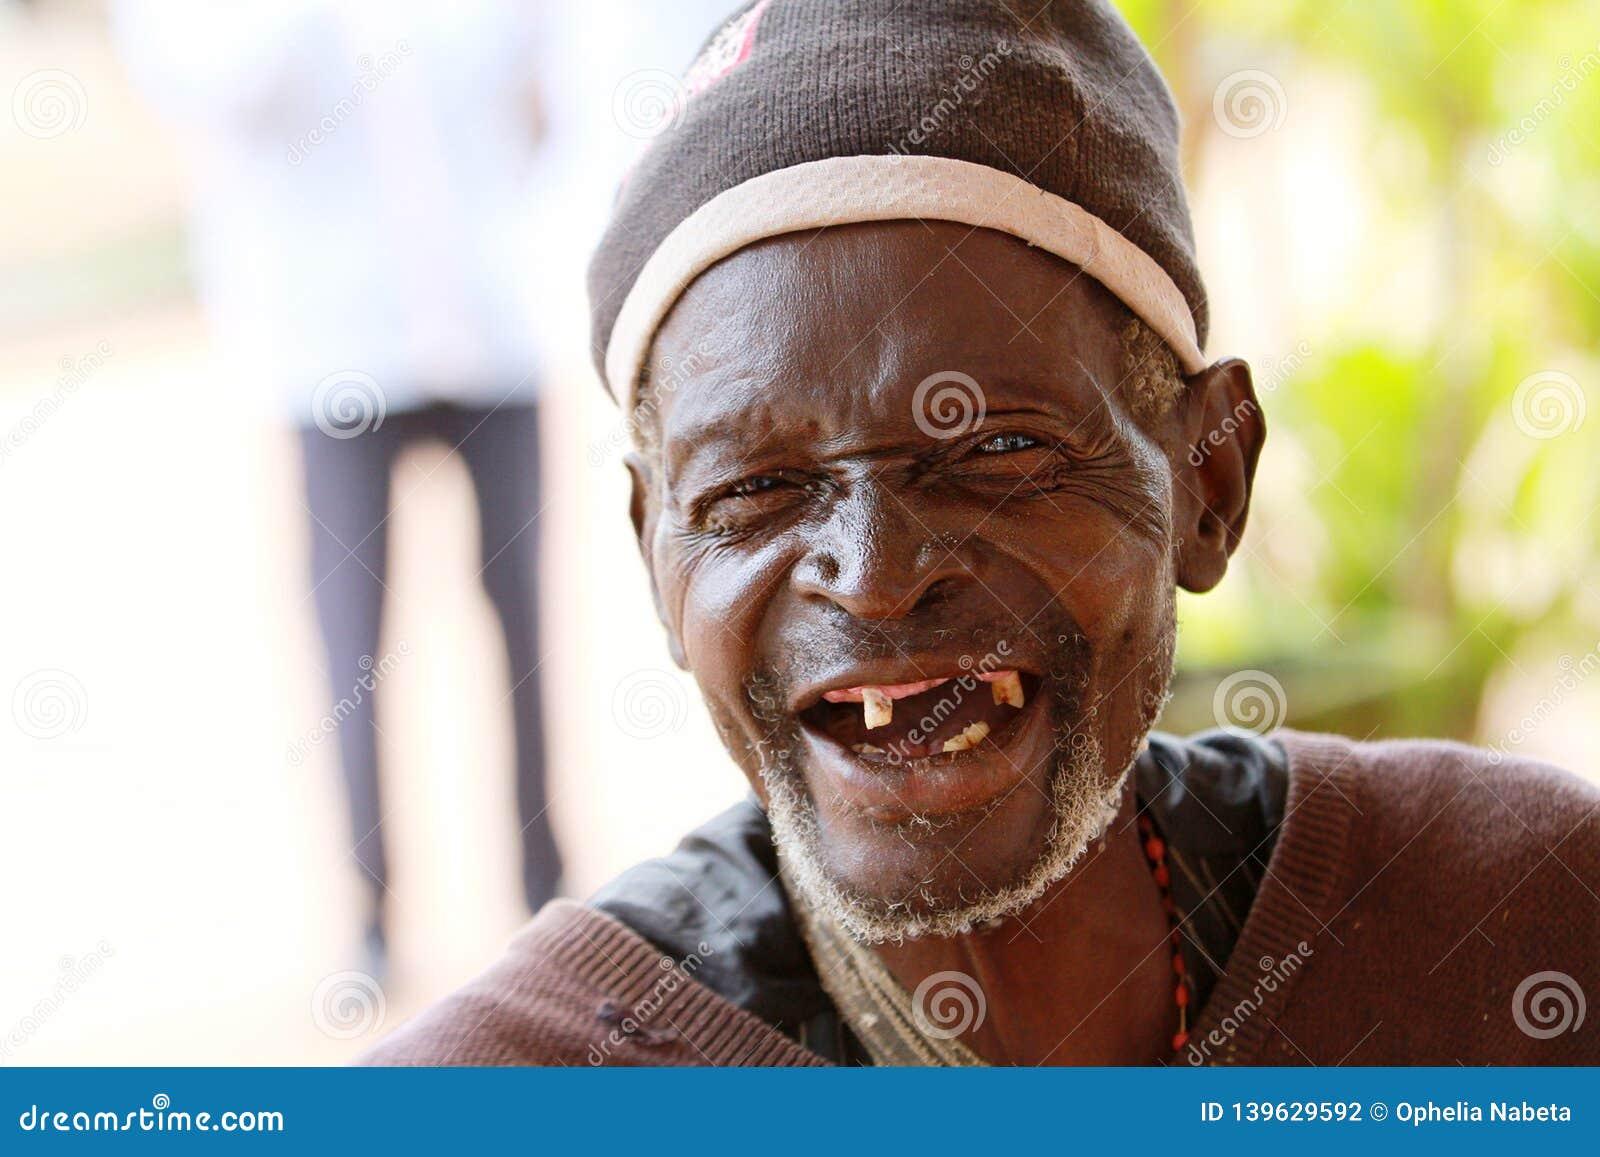 Zähne ohne foto mann Mann Bürsten